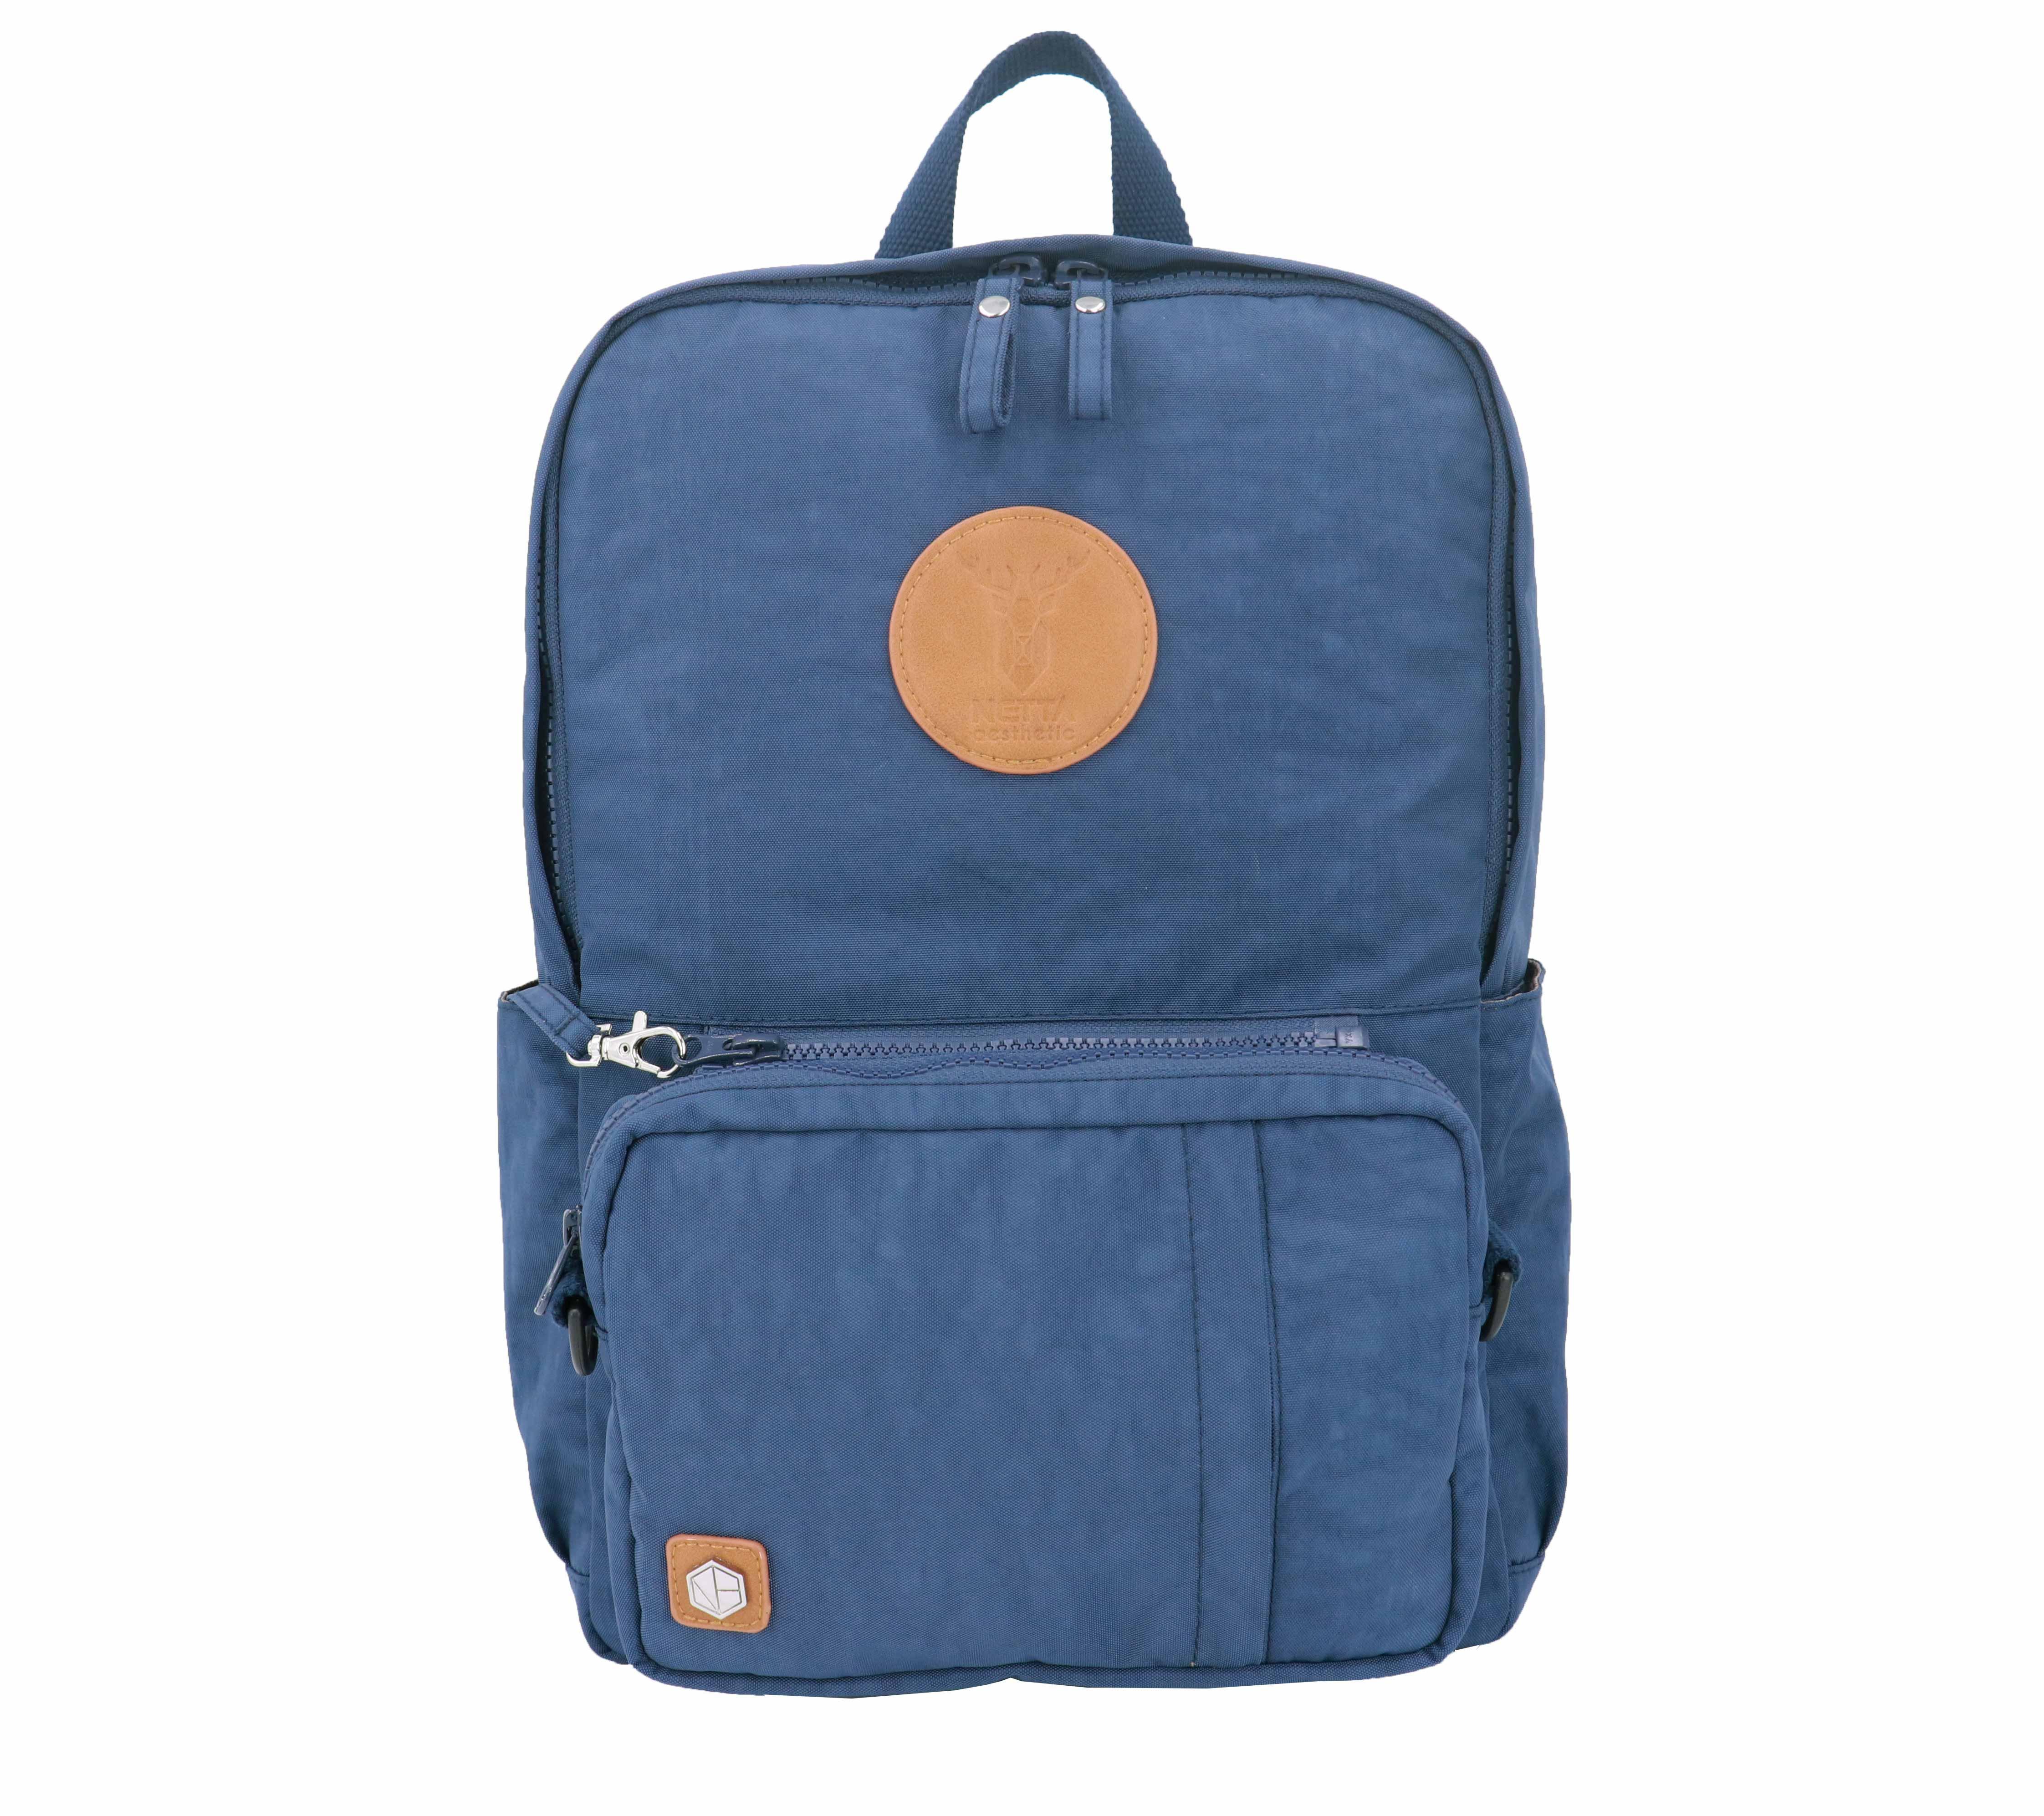 防潑水多功能後背包 / 深藍 / 尺寸M號 / 電腦包可拆卸【NETTA】 0